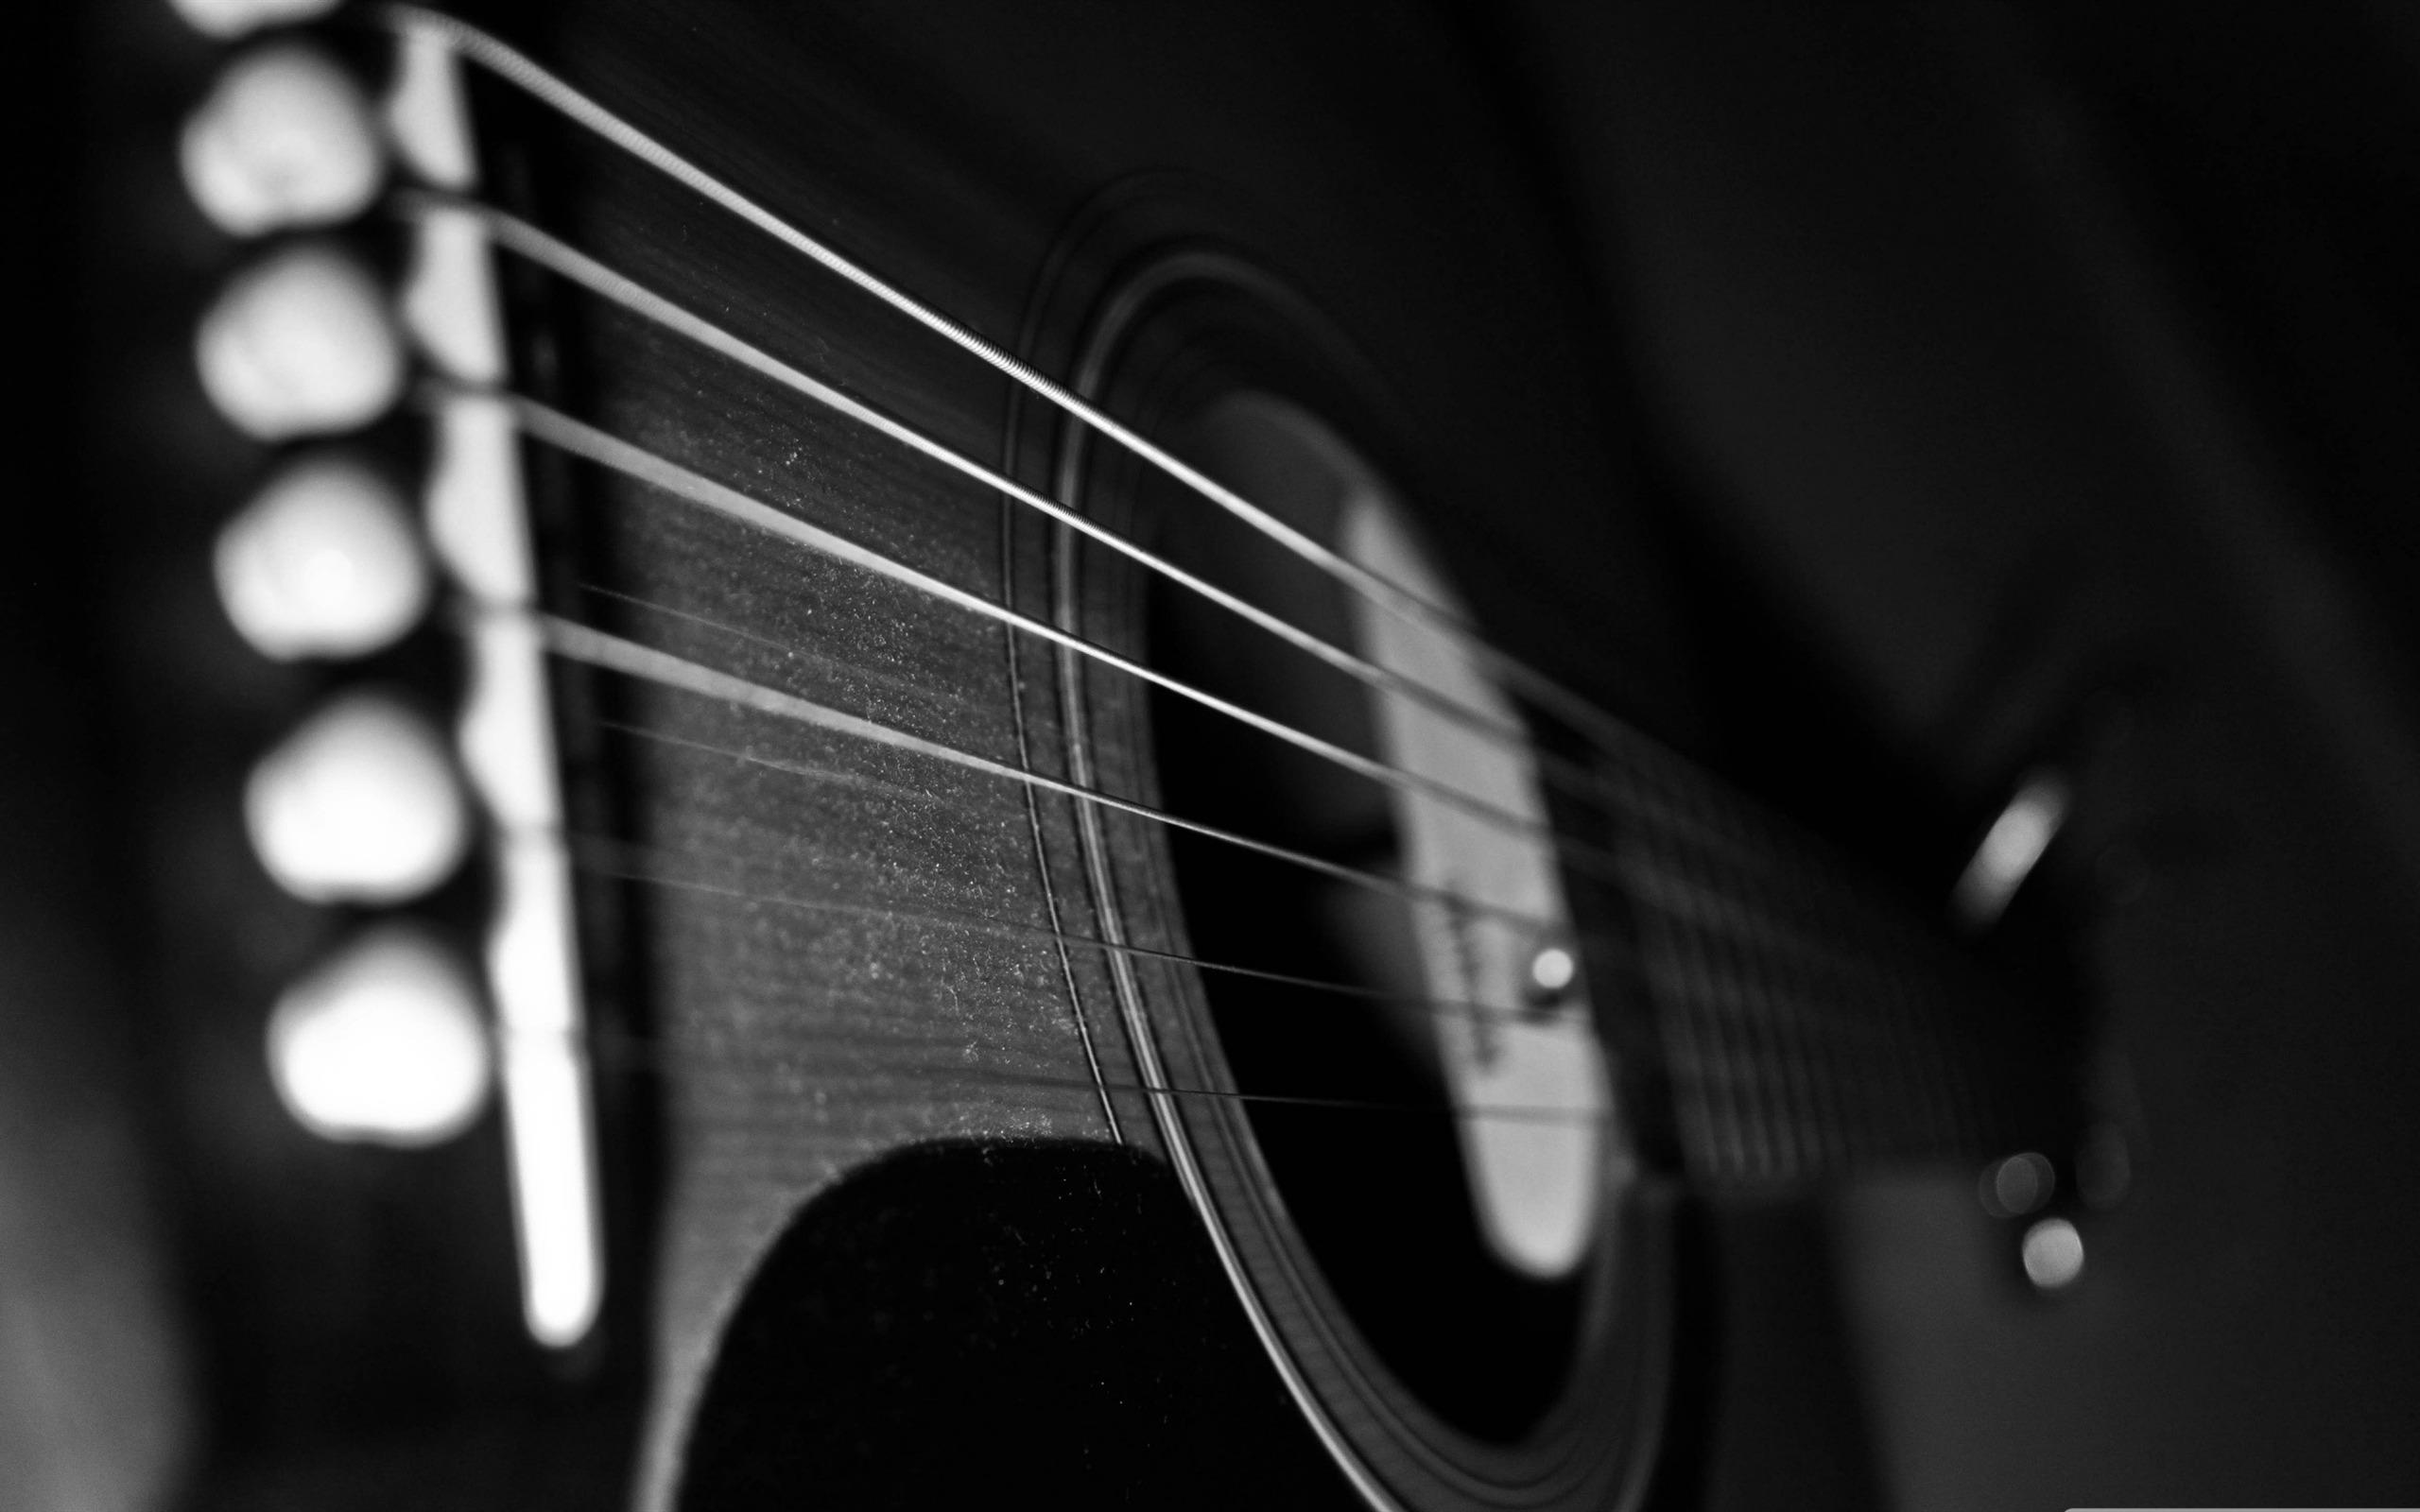 guitare poussi reuse image de bureau musique 2560x1600 t l chargement. Black Bedroom Furniture Sets. Home Design Ideas